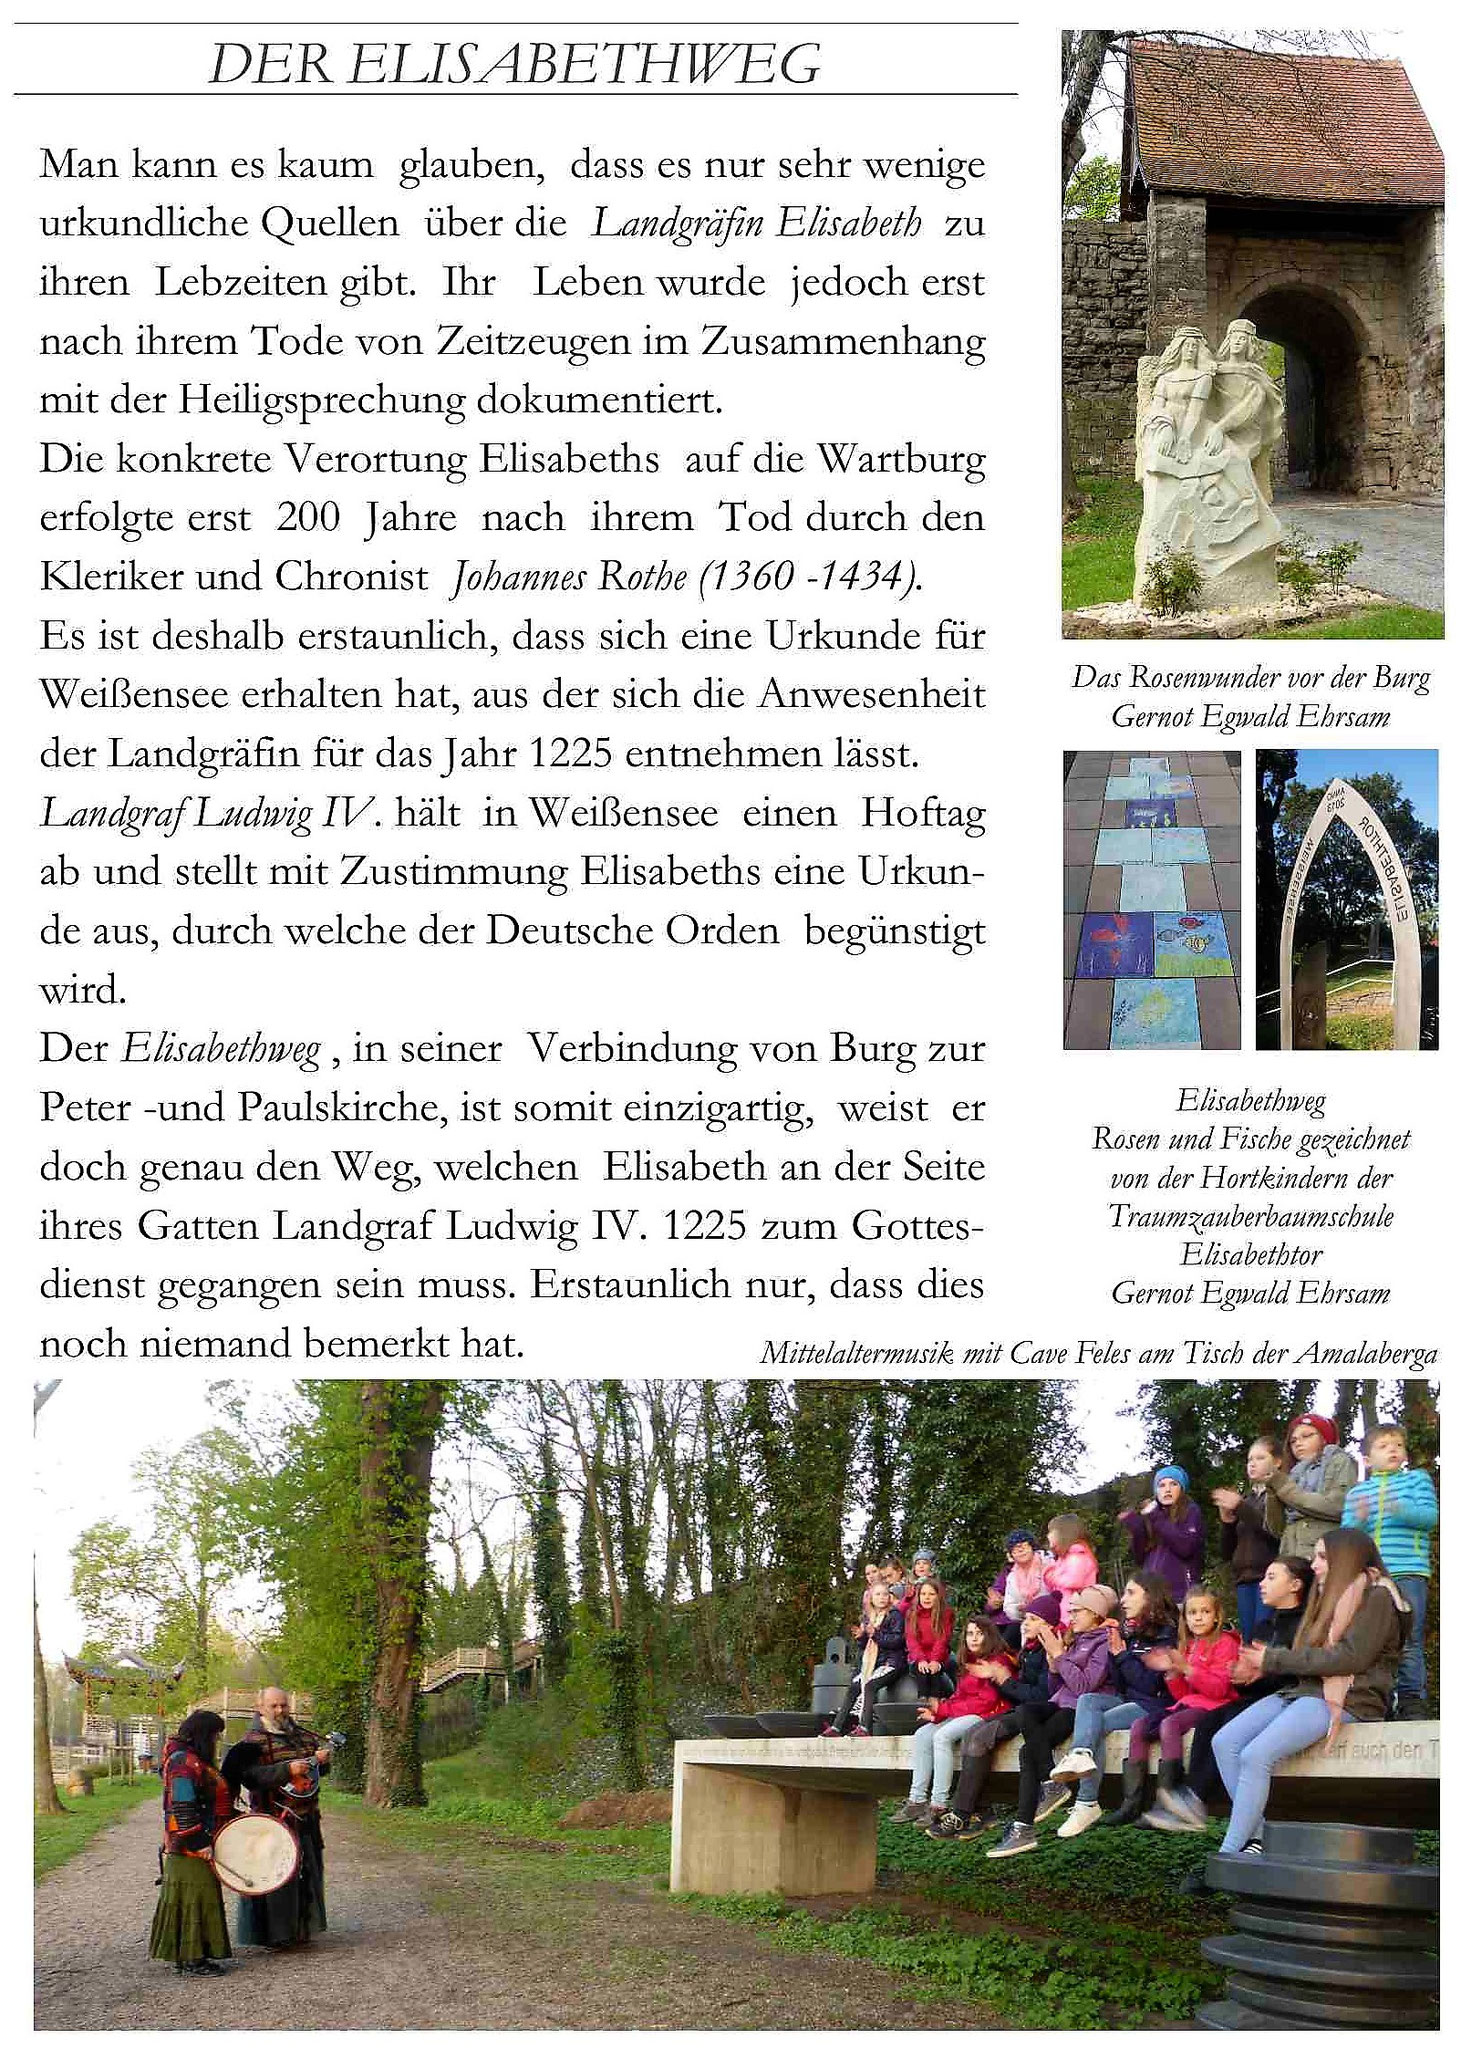 Elisabethweg in Weißensee Text und Bilder